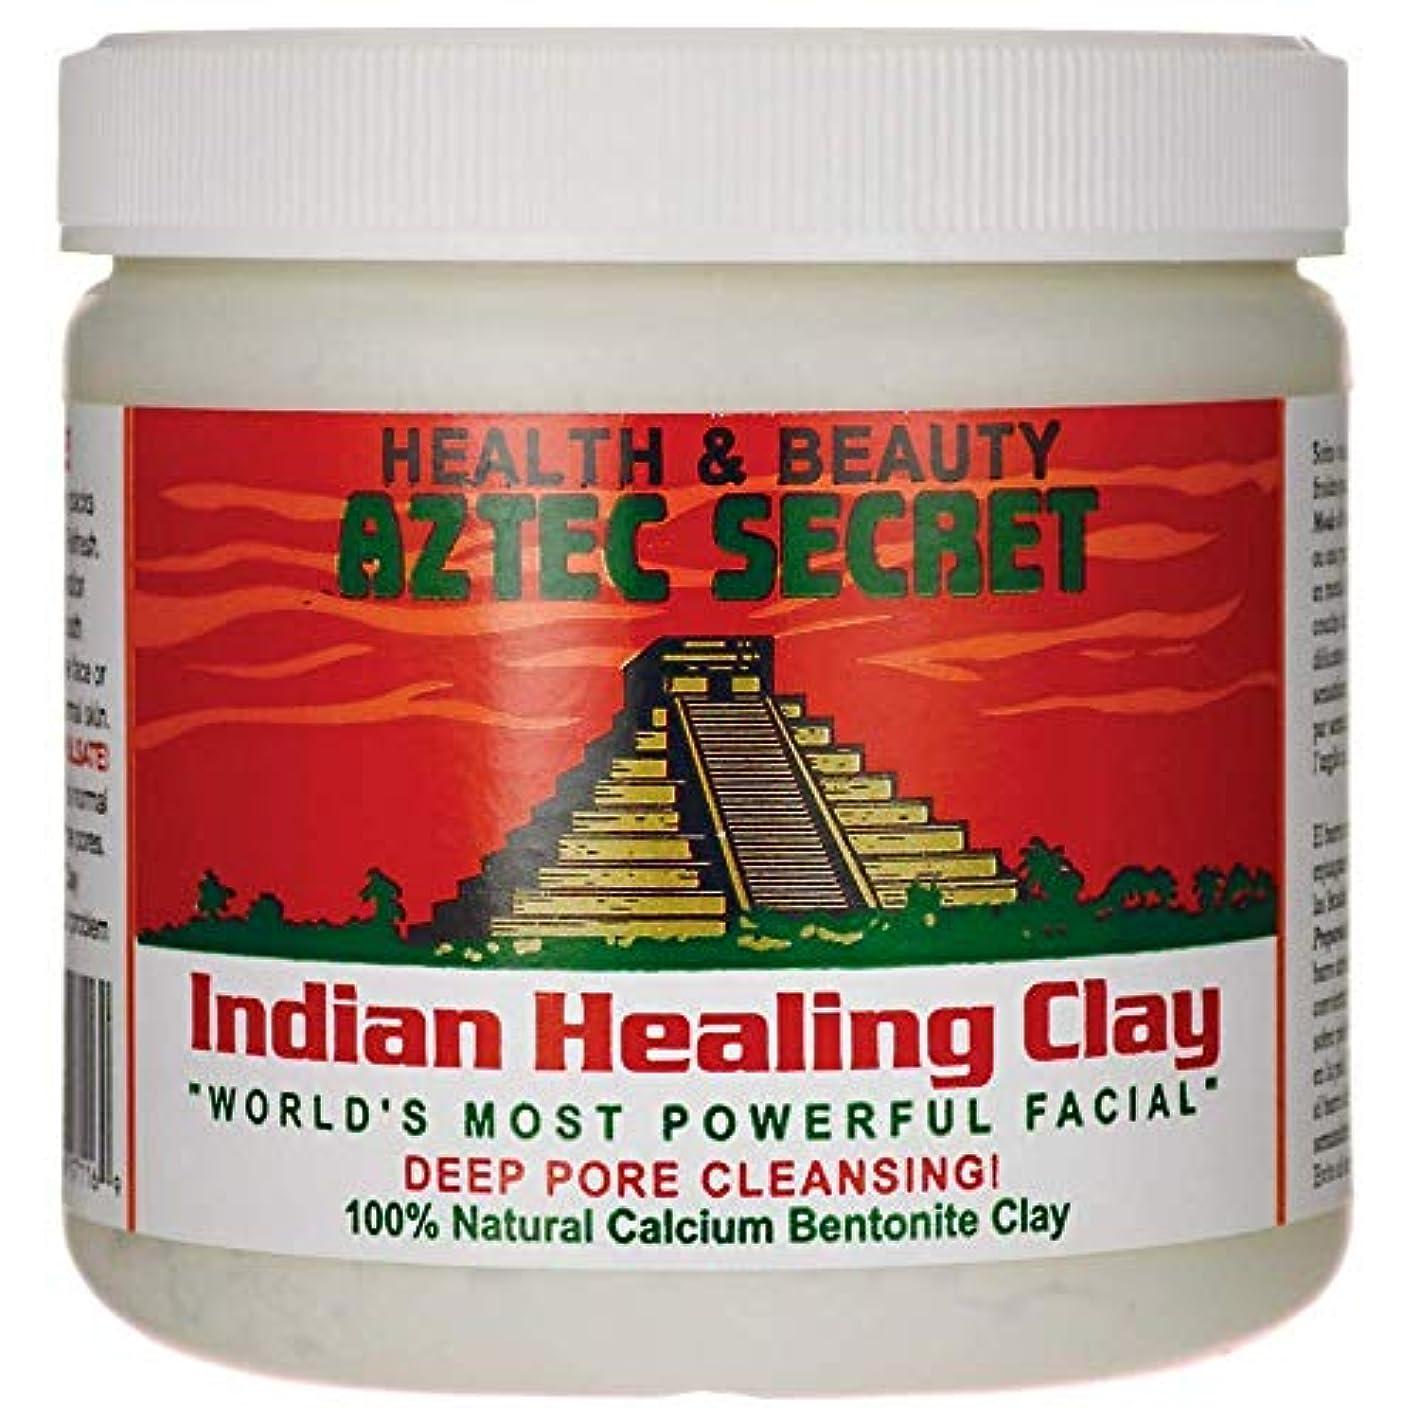 秋血色の良い用量Aztec Secret 1 Lbをオリジナルの100%天然カルシウムベントナイト粘土をマスクディープポアクレンジング?フェイシャル&ボディヒーリング 1ポンド